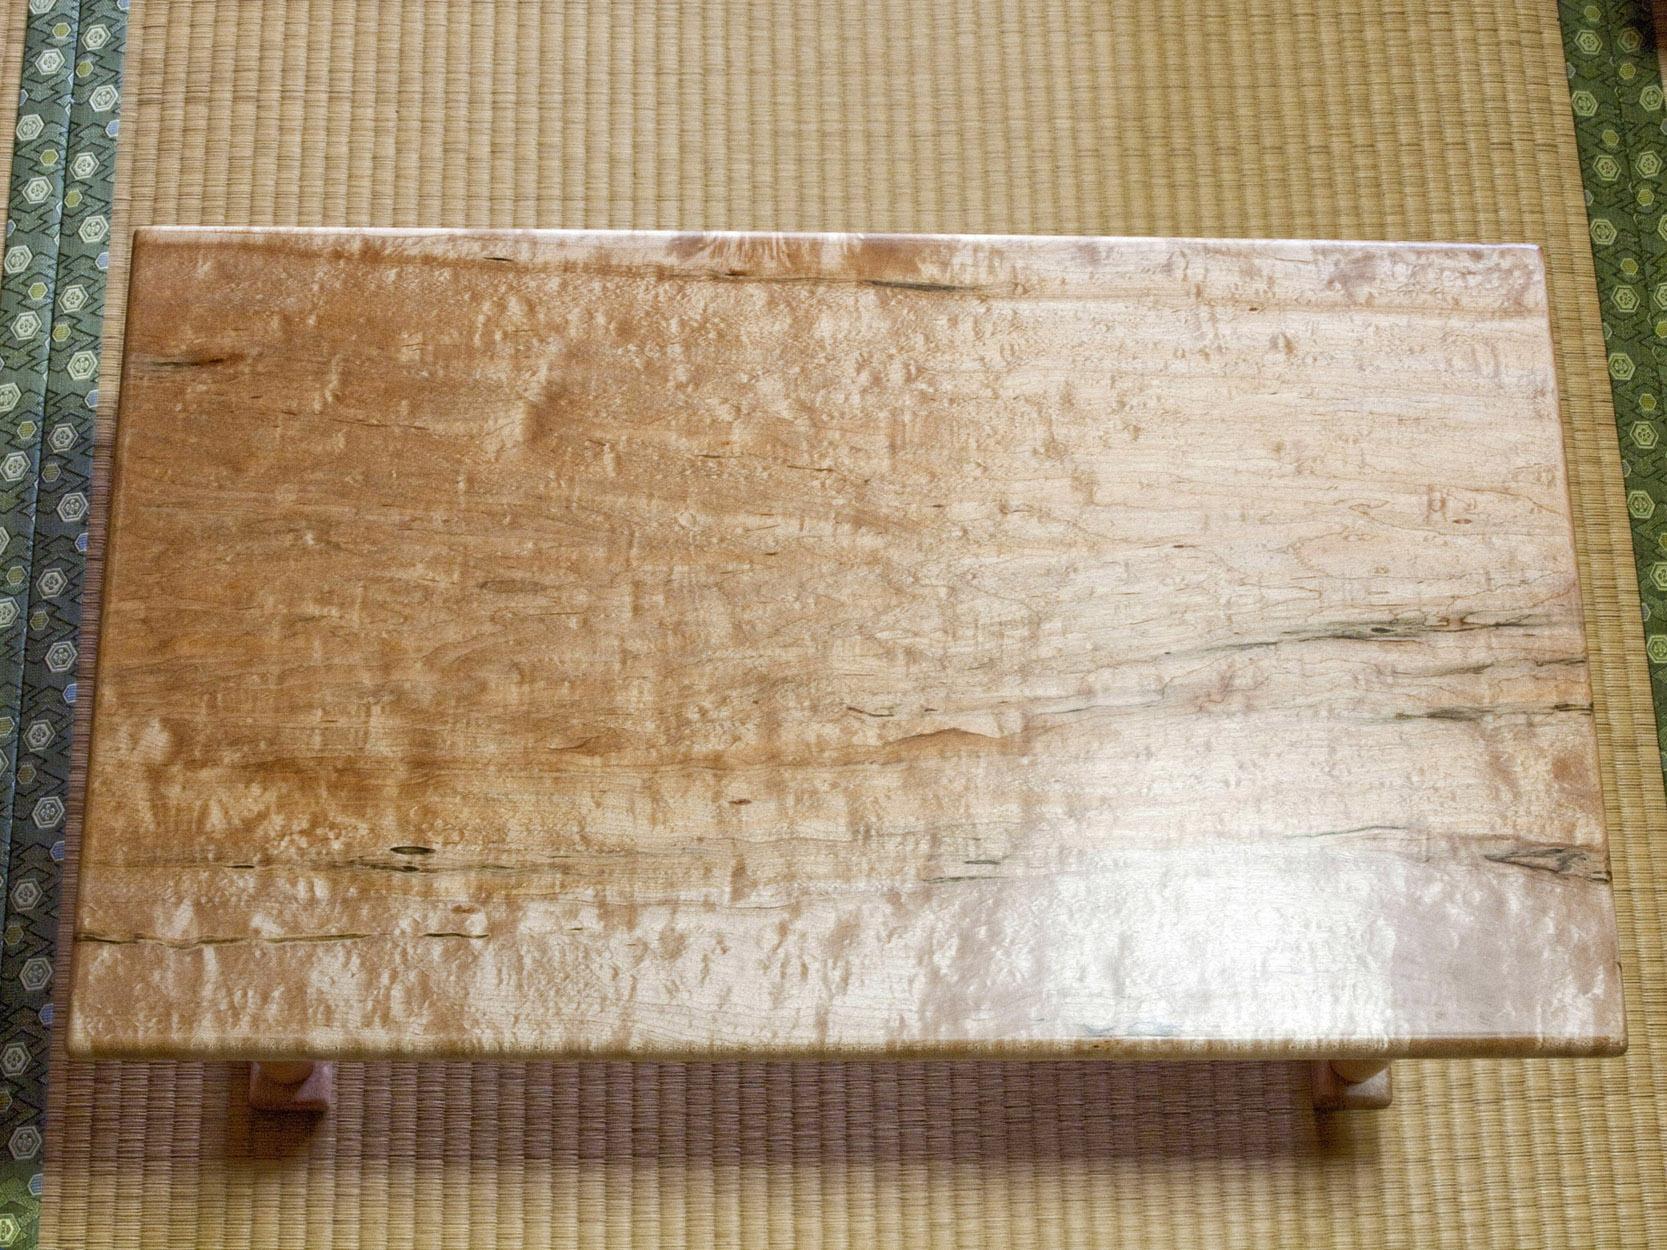 楓文机の甲板の画像